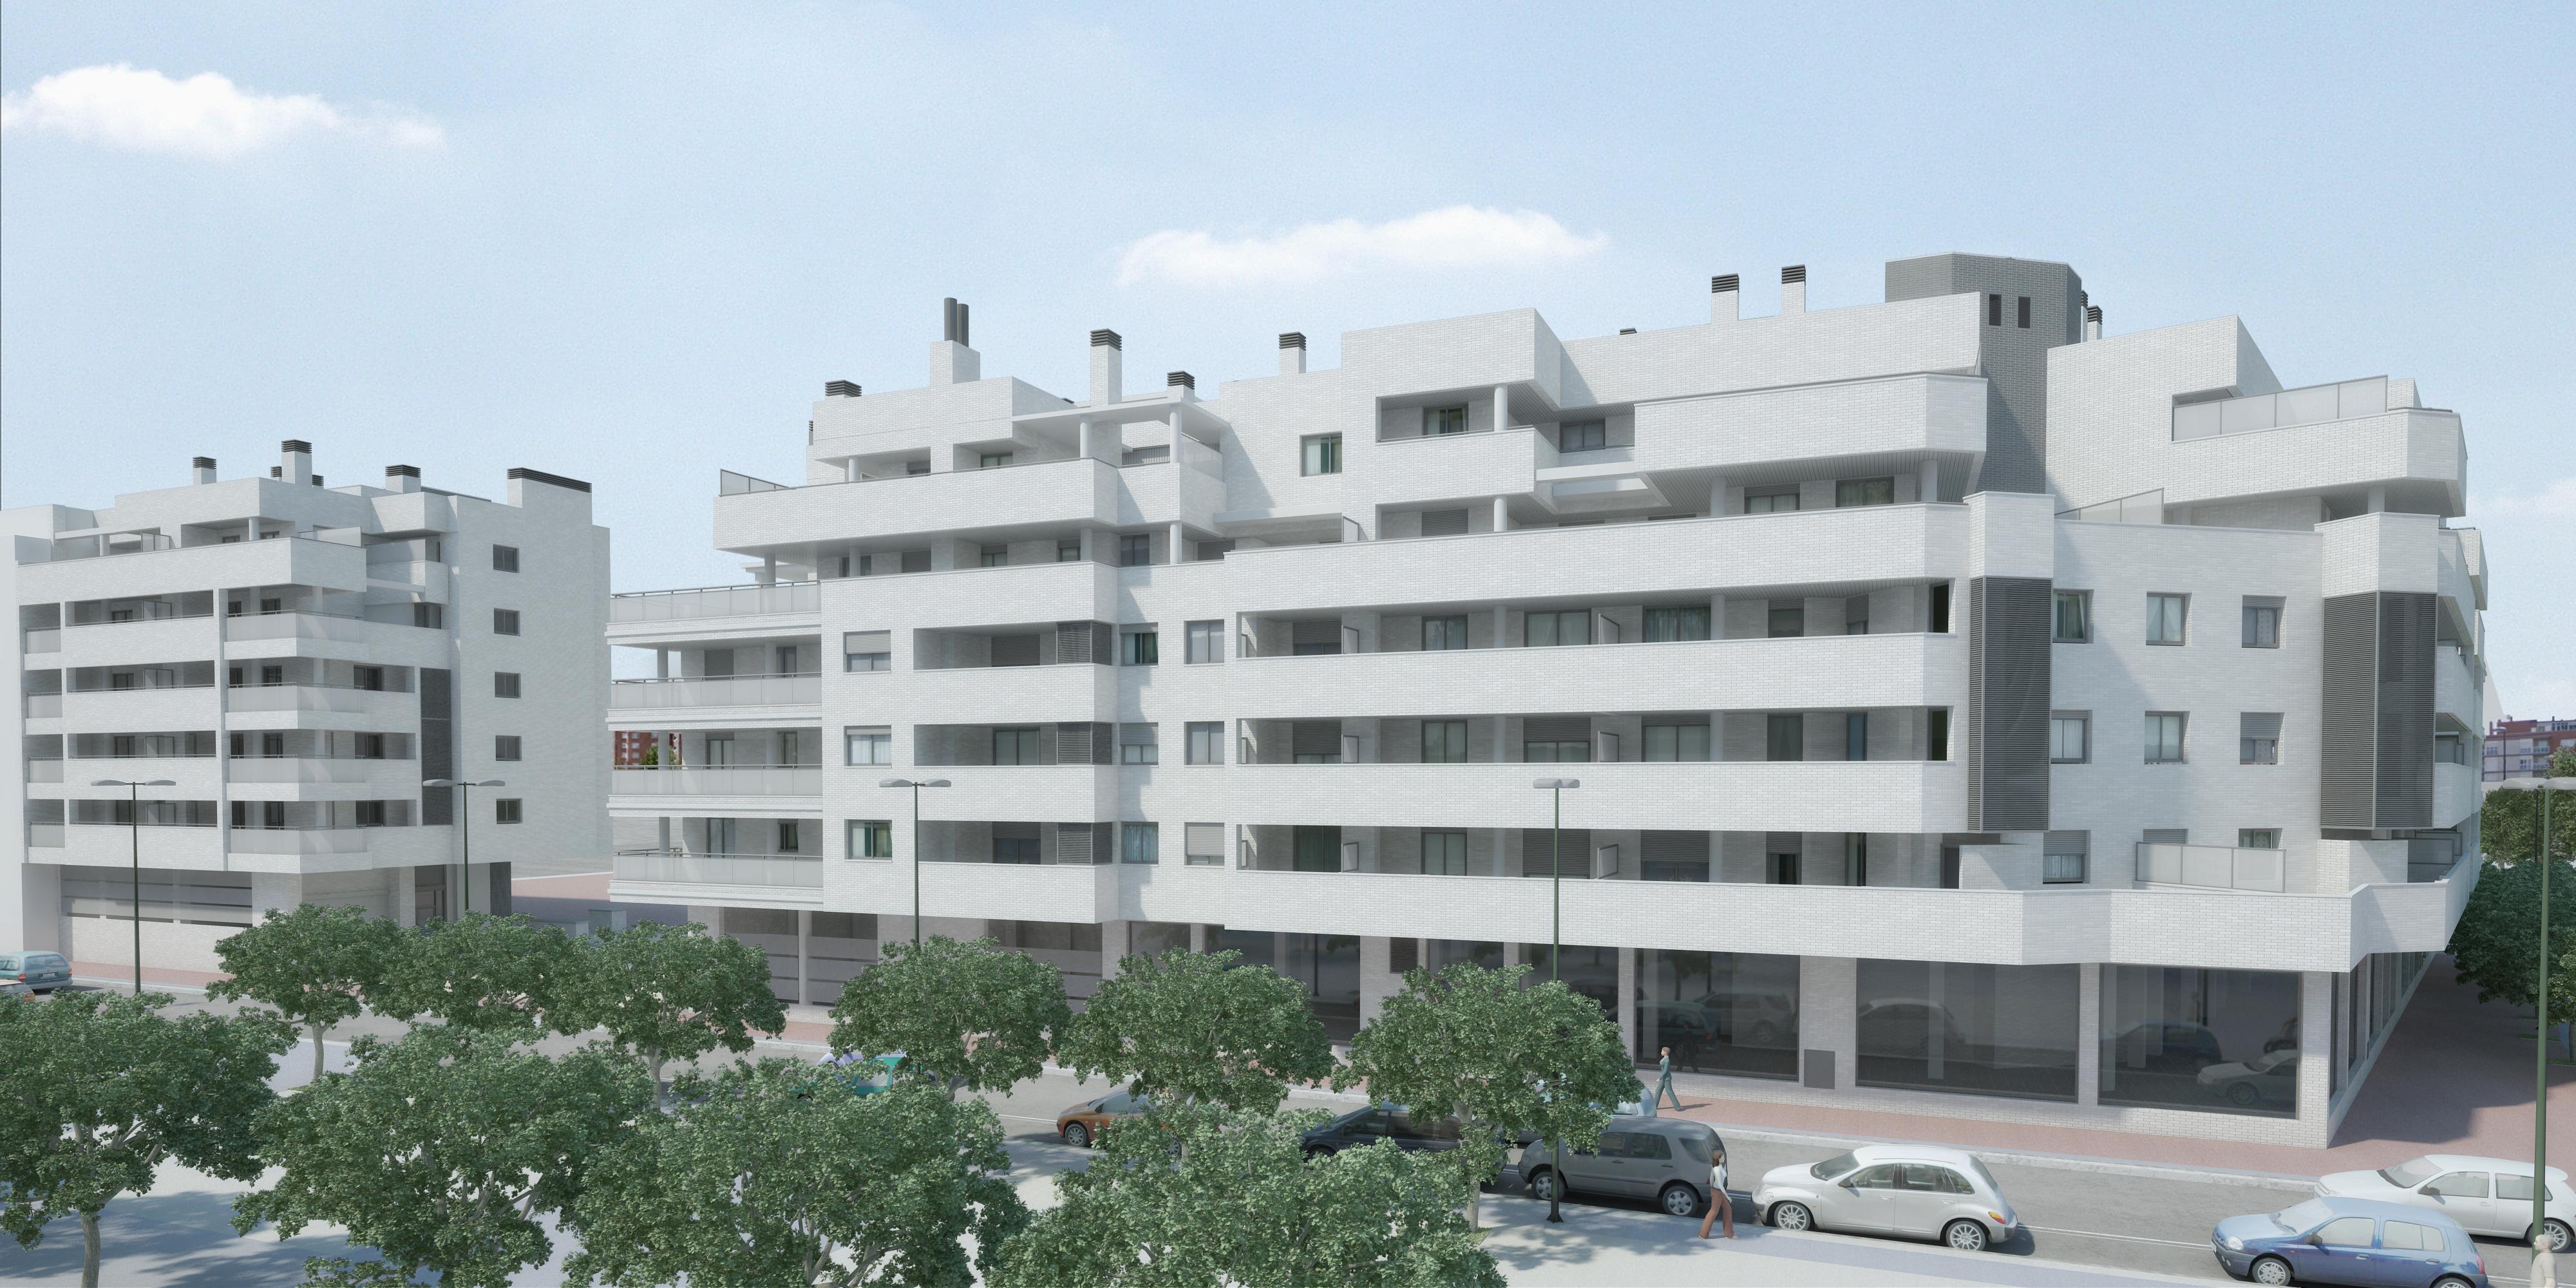 58 viviendas zaragoza estudio metro - Estudio arquitectura zaragoza ...